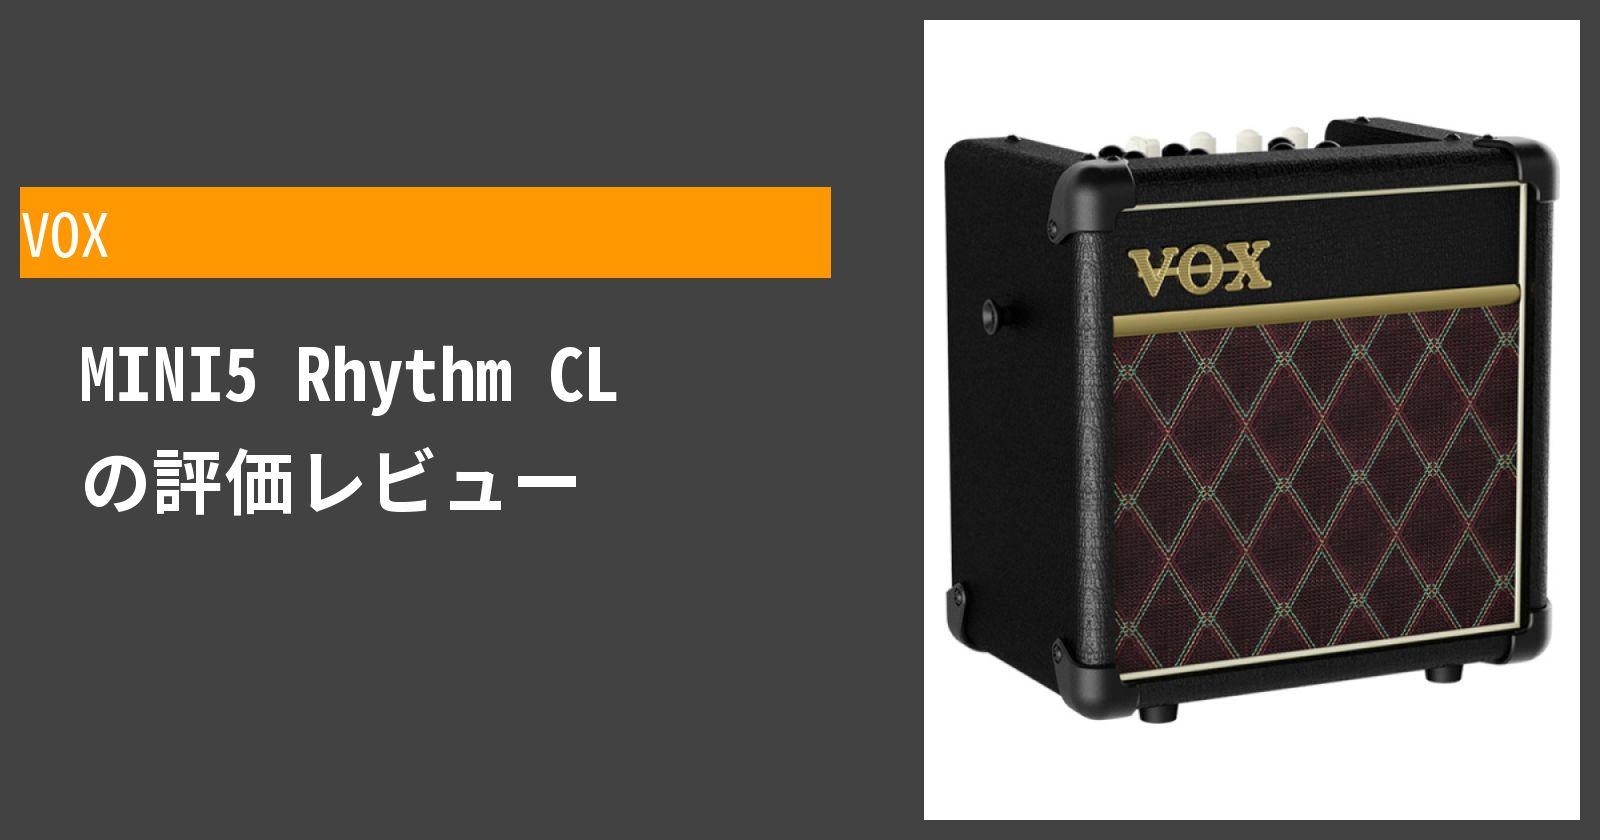 MINI5 Rhythm CLを徹底評価